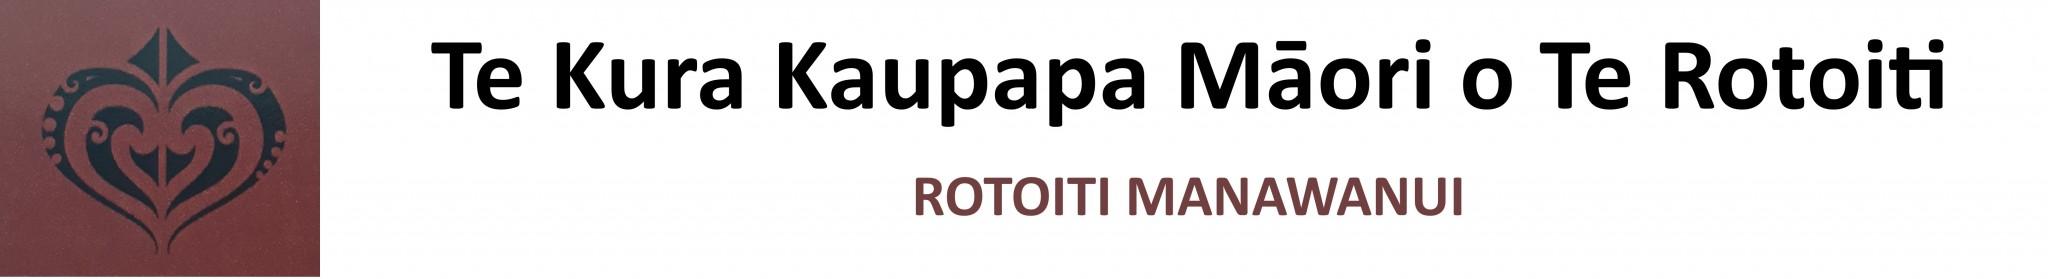 Te Kura Kaupapa Māori o Te Rotoiti Logo